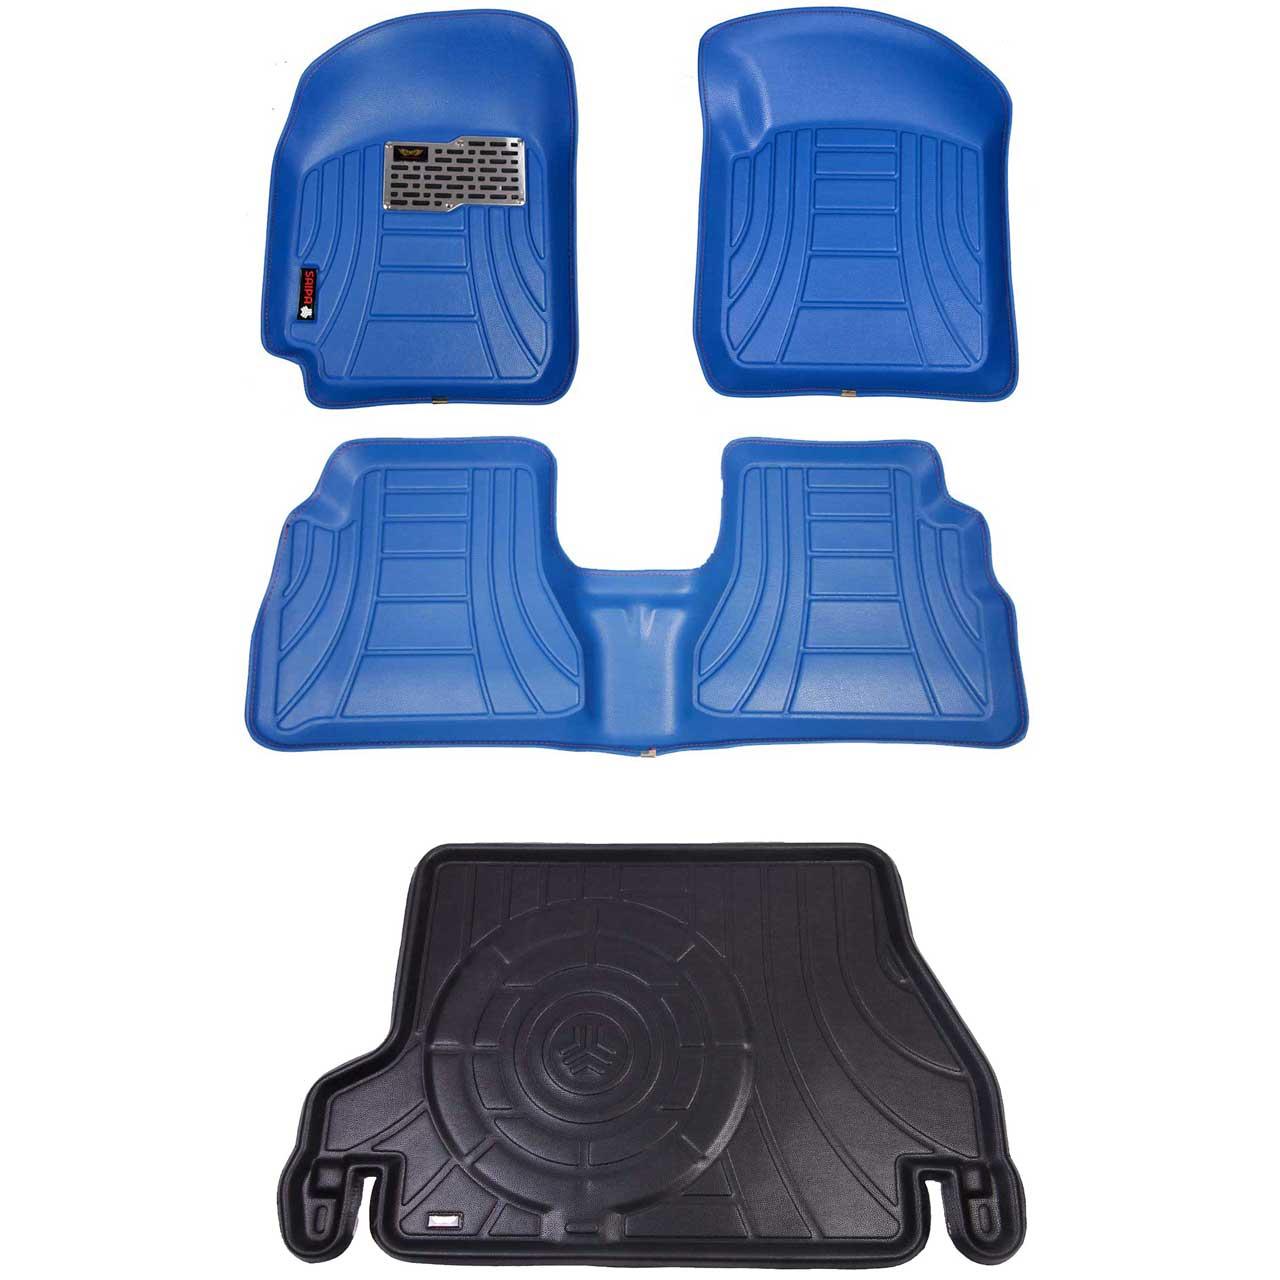 کفپوش سه بعدی خودرو مدل رویال مناسب برای پراید صندوق دار به همراه کفپوش صندوق